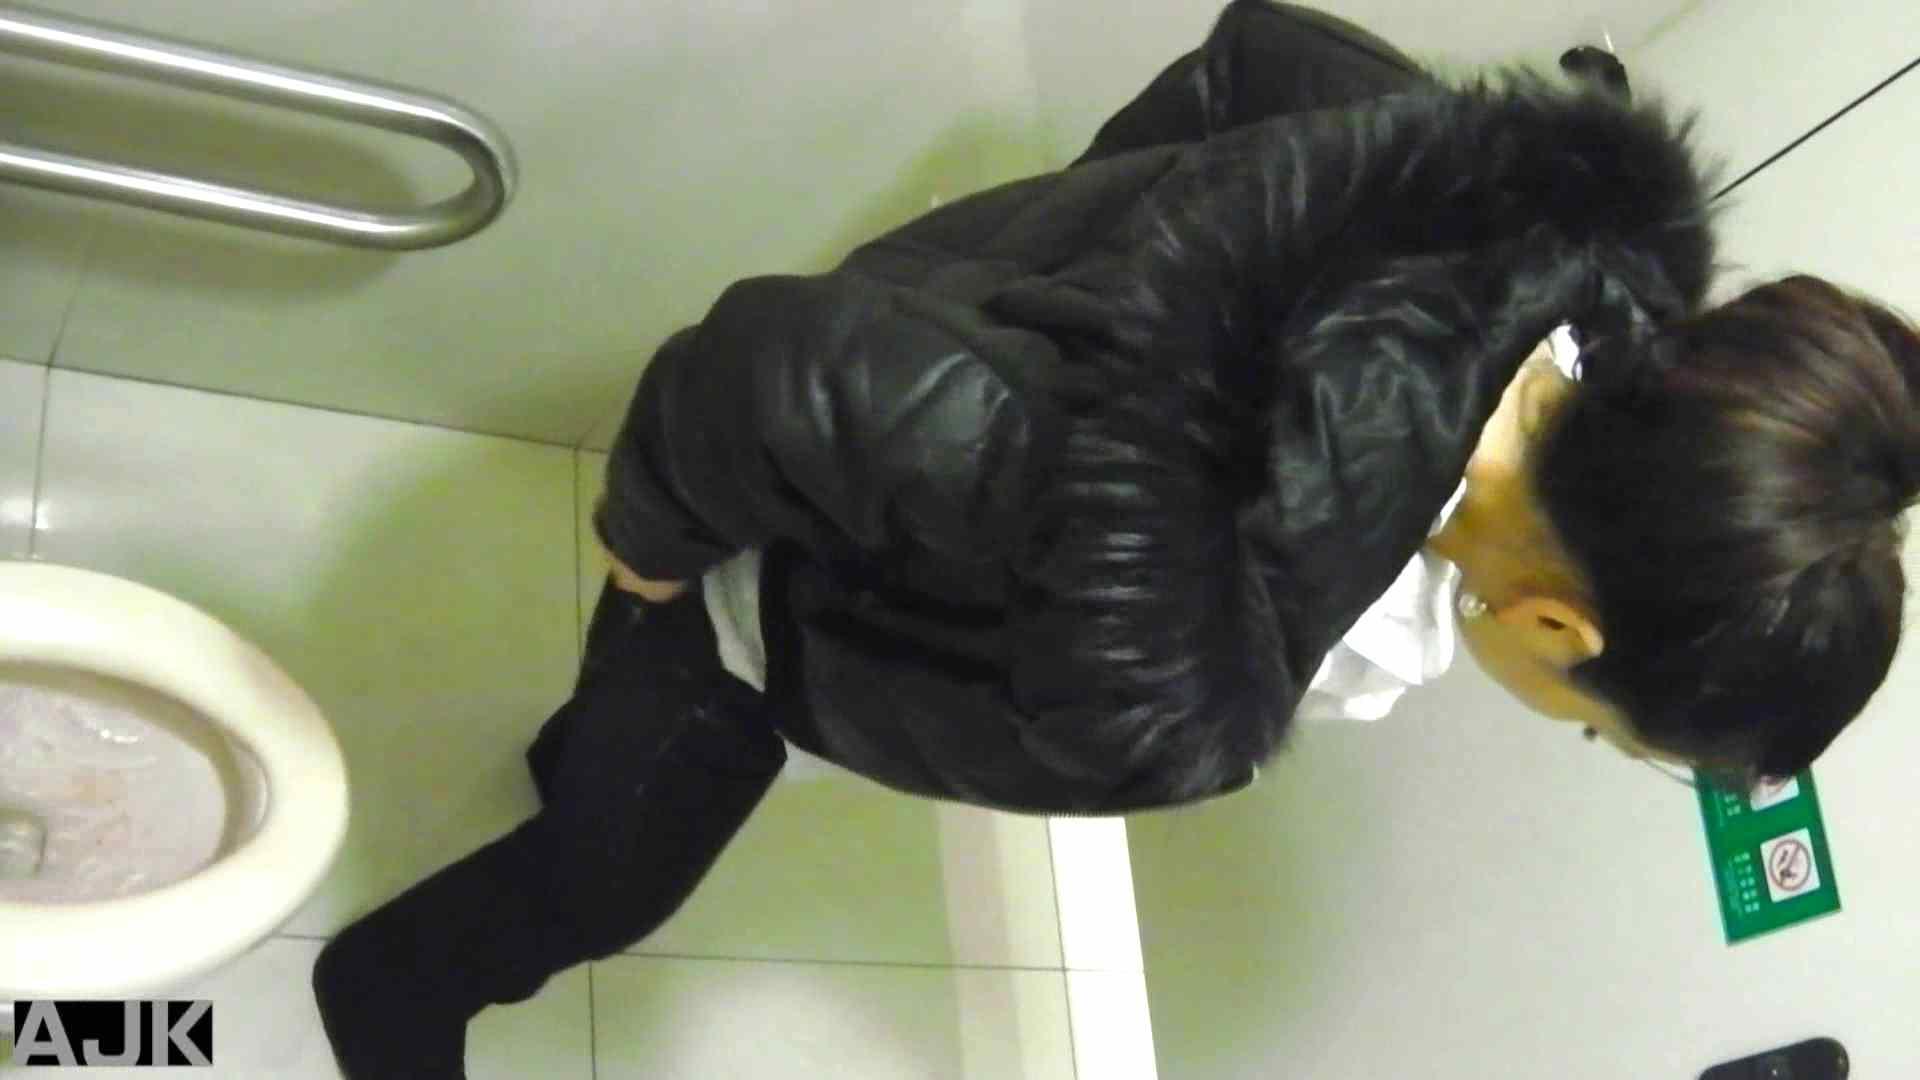 隣国上階級エリアの令嬢たちが集うデパートお手洗い Vol.19 HなOL | お手洗い  99pic 69